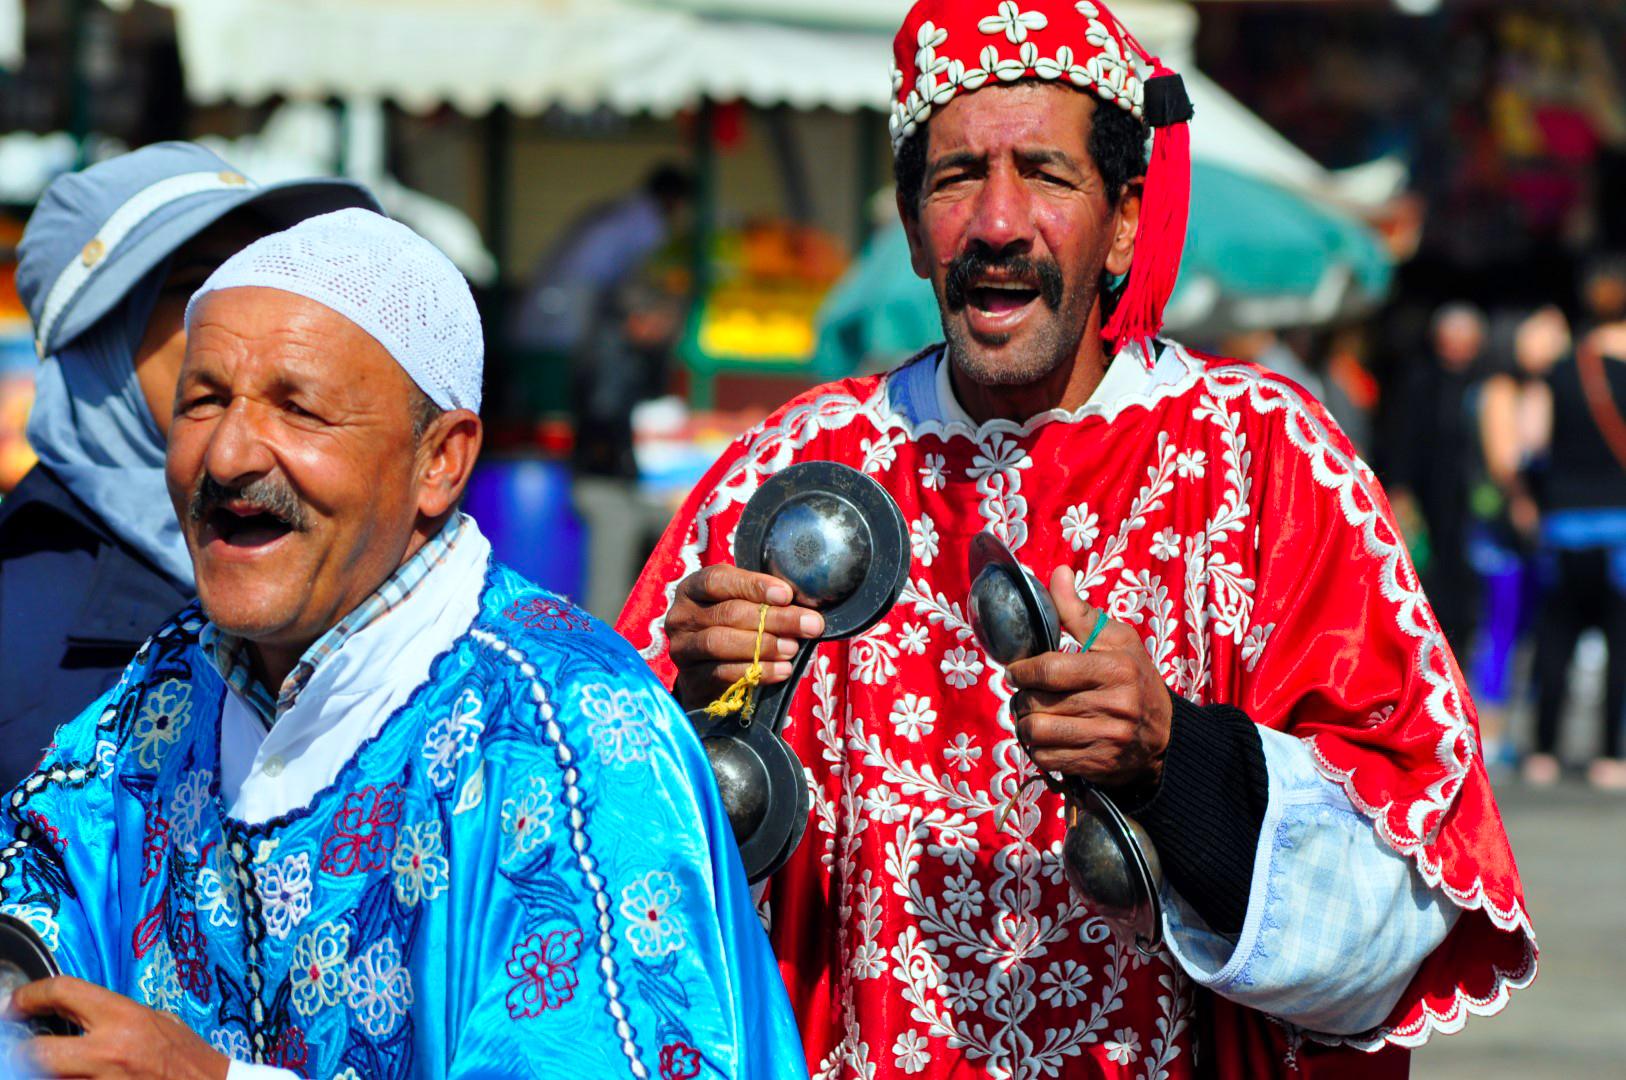 Qué ver en Marrakech, Marruecos - Morocco qué ver en marrakech, marruecos - 30999589856 b3cae87f6d o - Qué ver en Marrakech, Marruecos